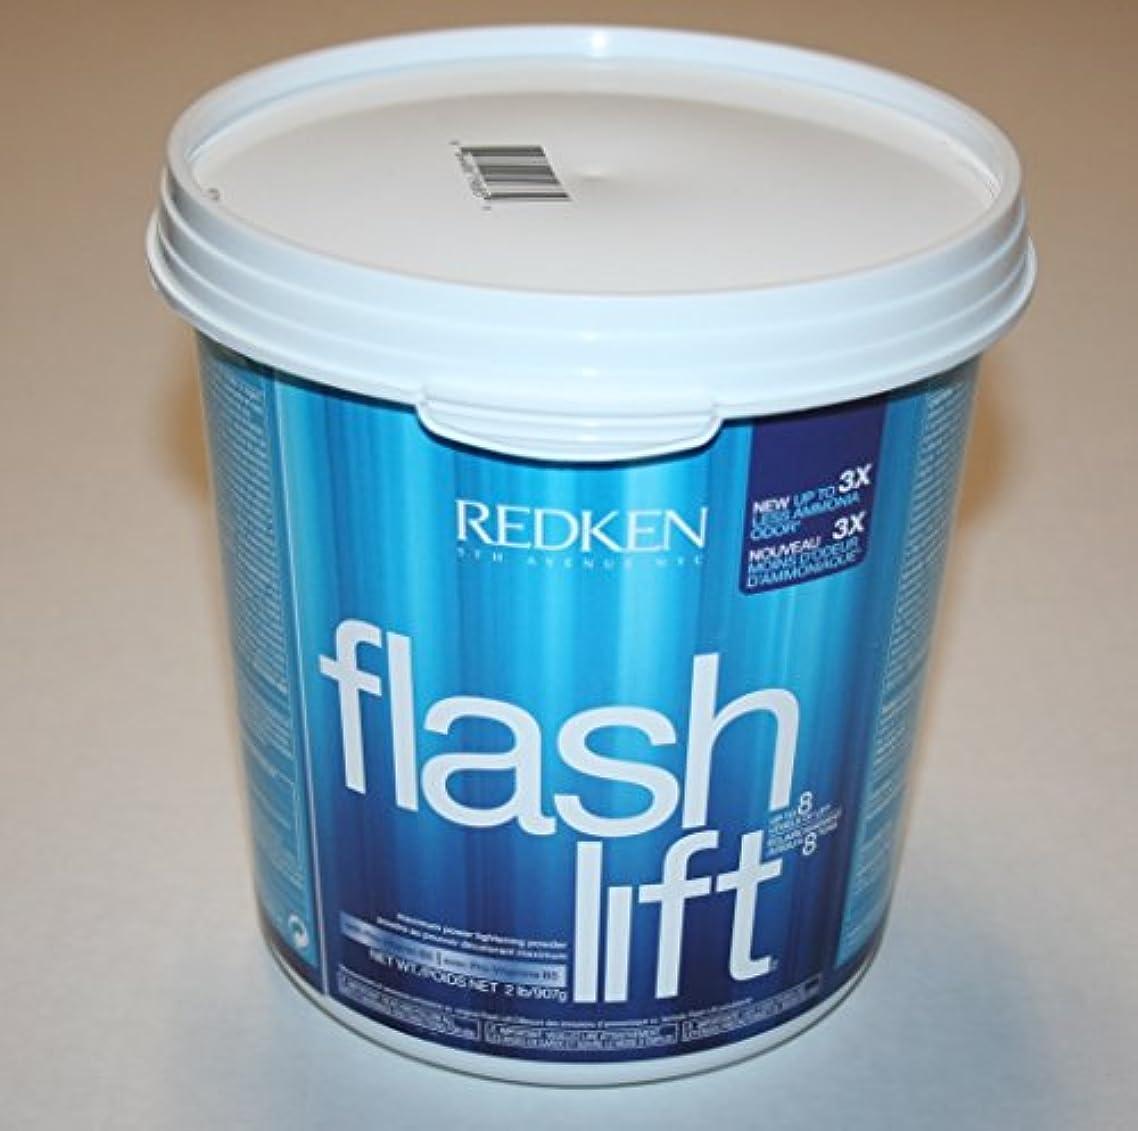 小麦粉眩惑するアフリカ人REDKEN レッドケンフラッシュは、プロビタミンB5の2LBと最大電力ライトニングパウダーを持ち上げ